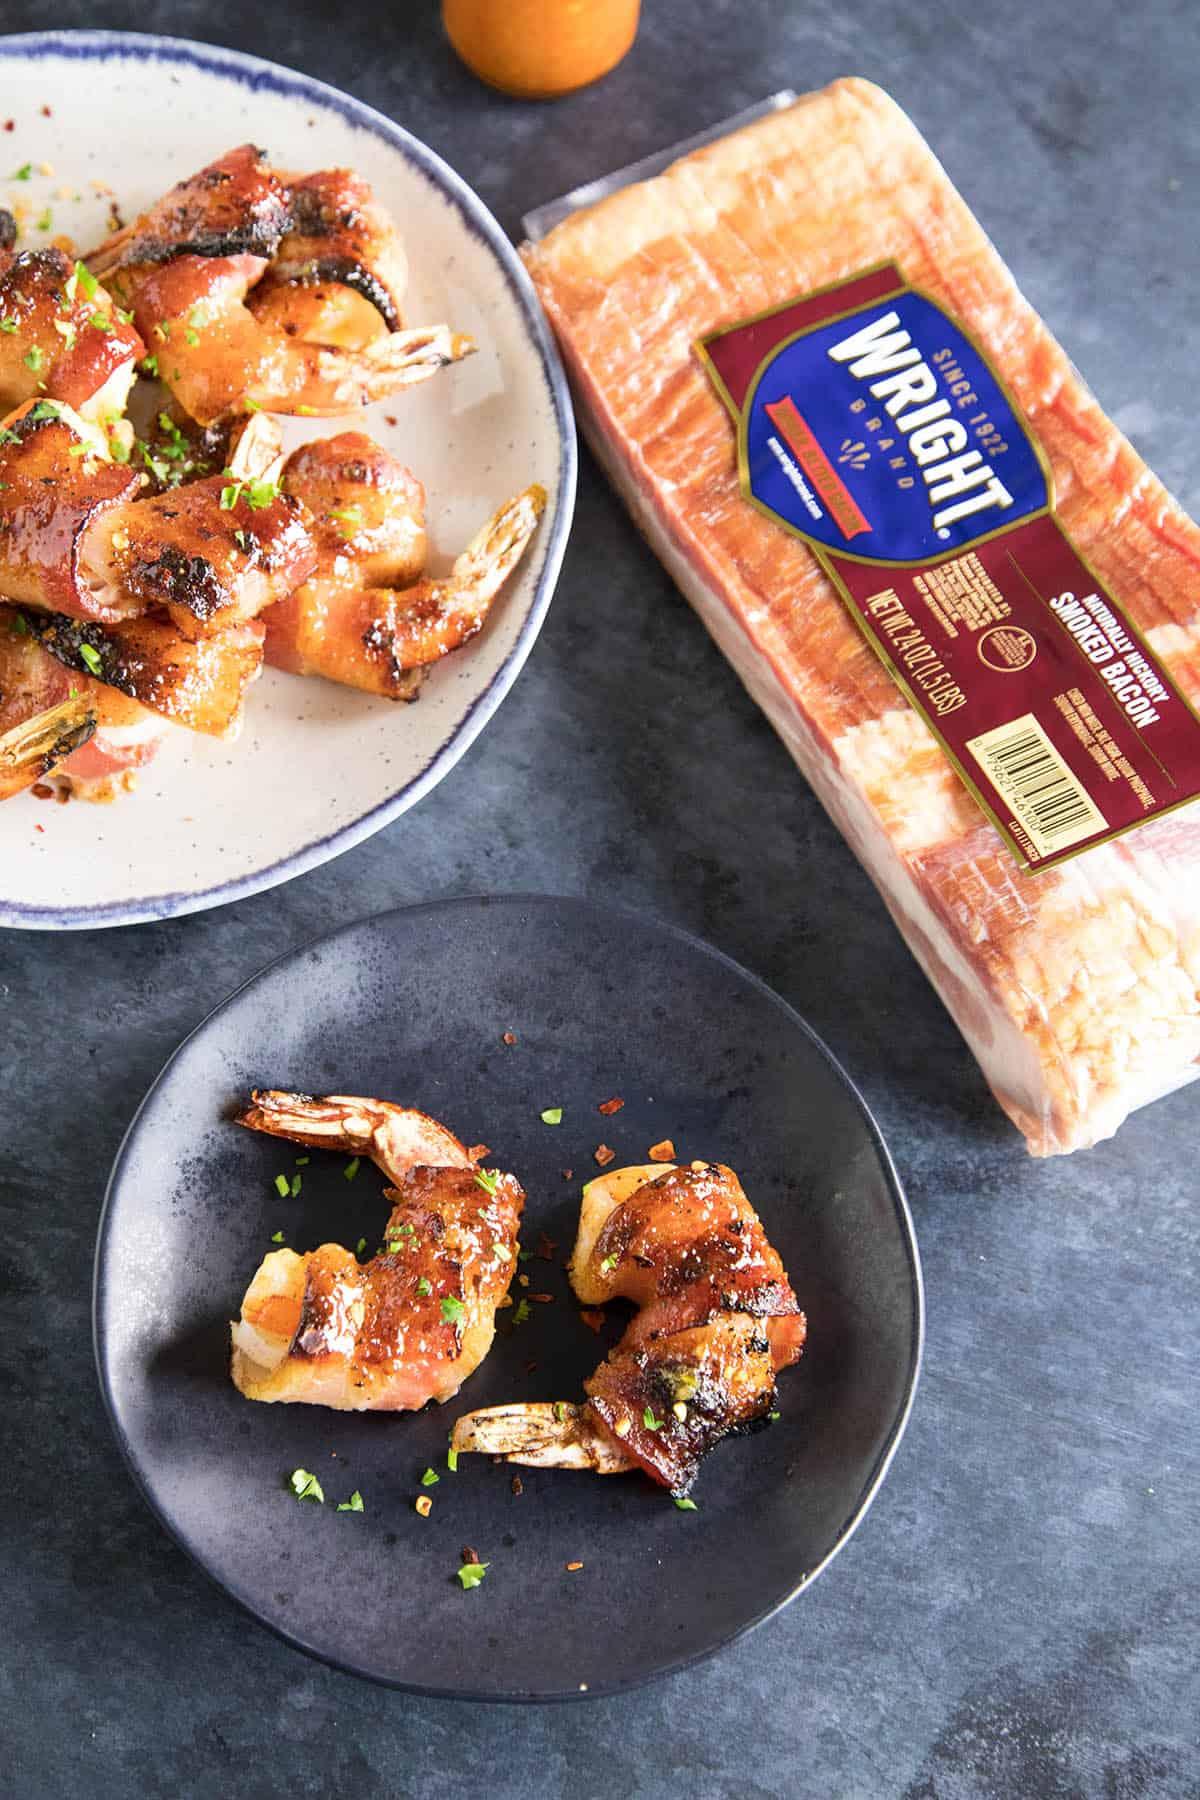 Habanero-Honey Glazed Bacon Wrapped Shrimp - with Wright Brand Bacon